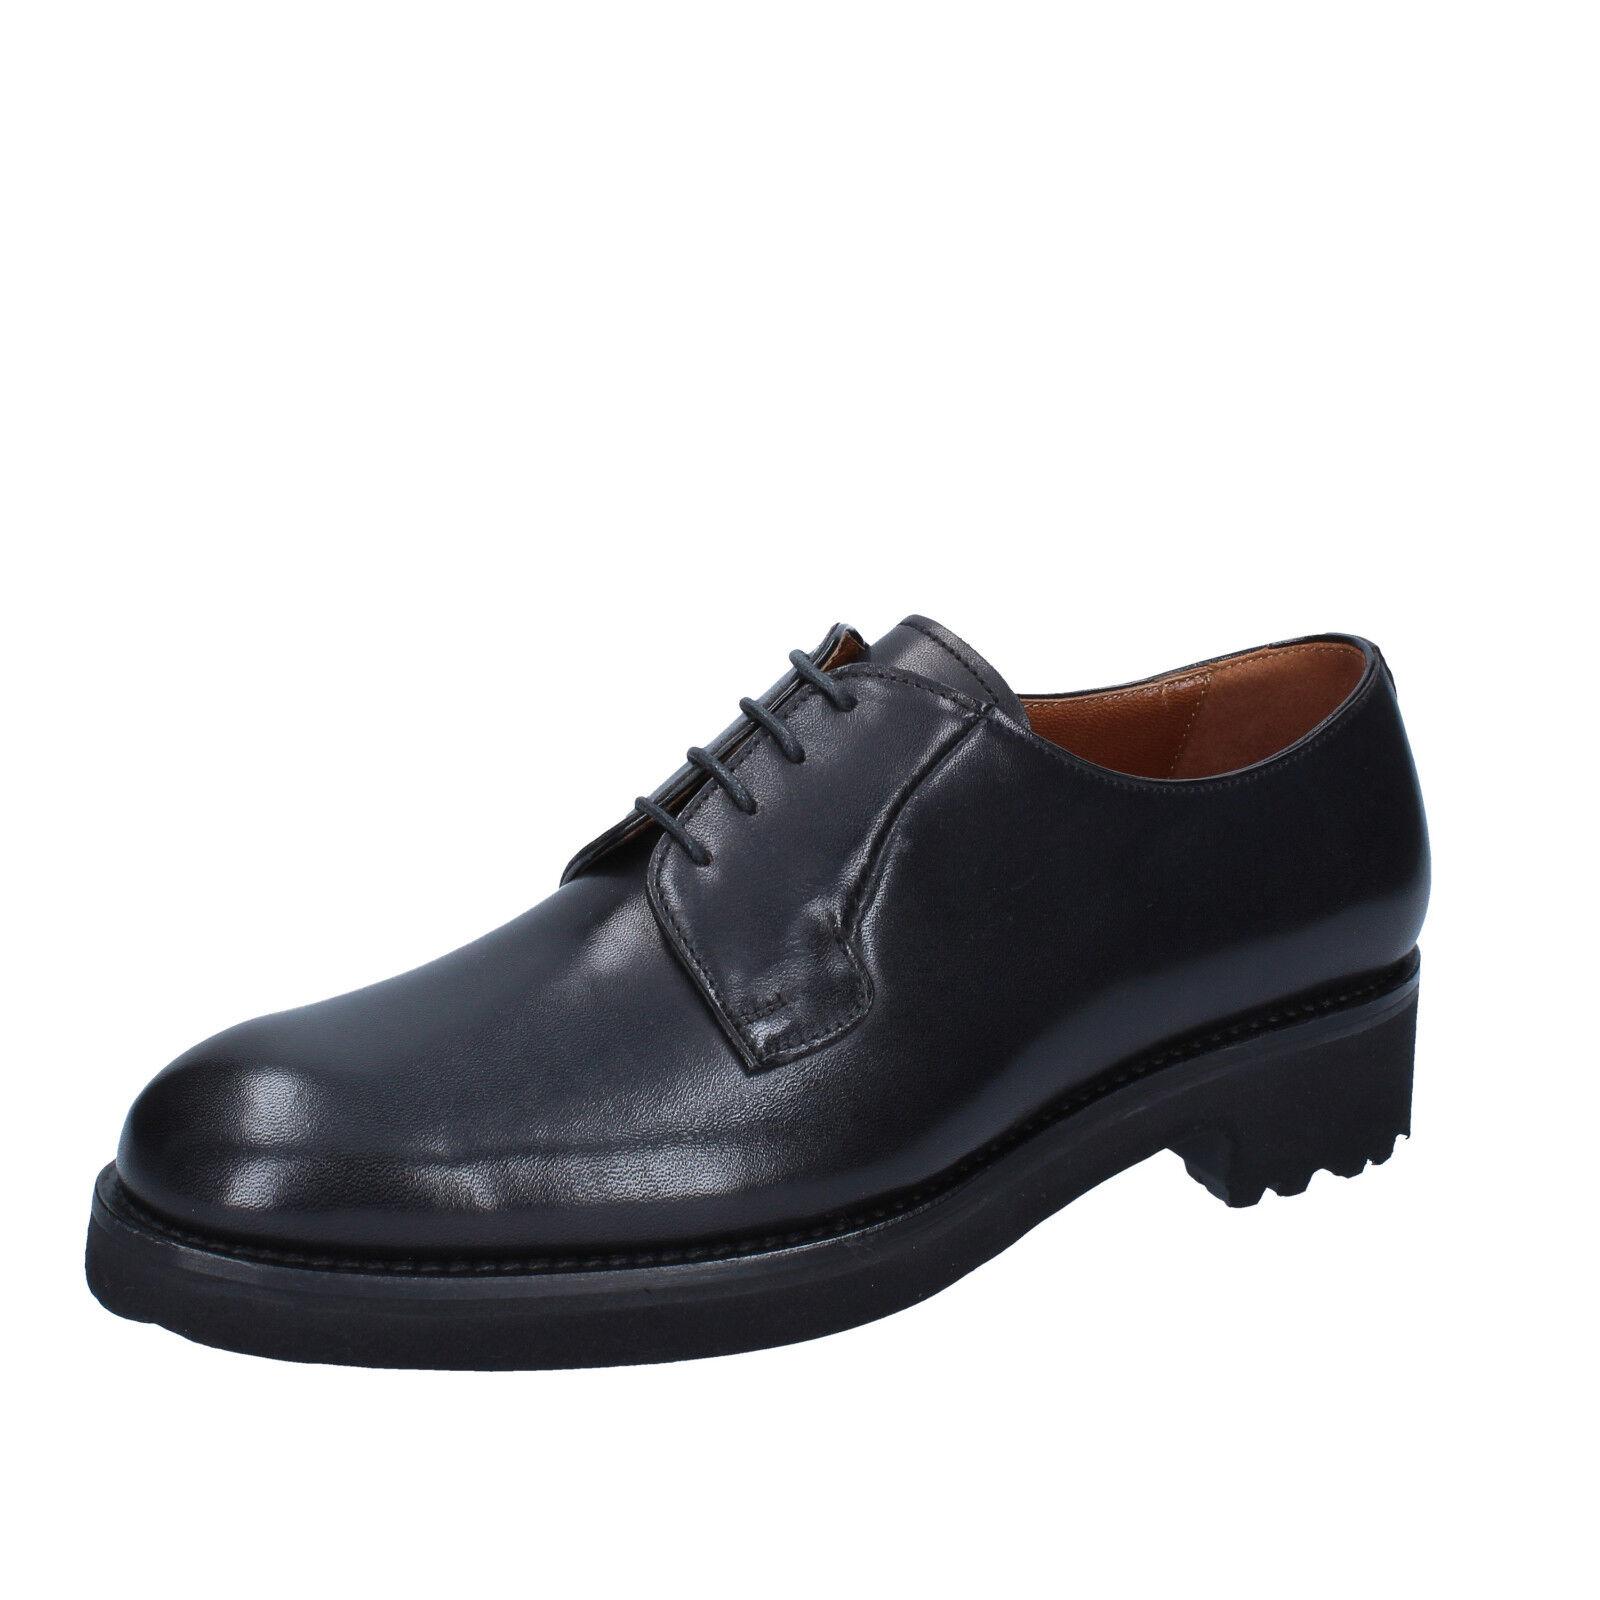 Calzado para hombres Alexander 11 (EU 44) Elegante De Cuero Negro BY449-44